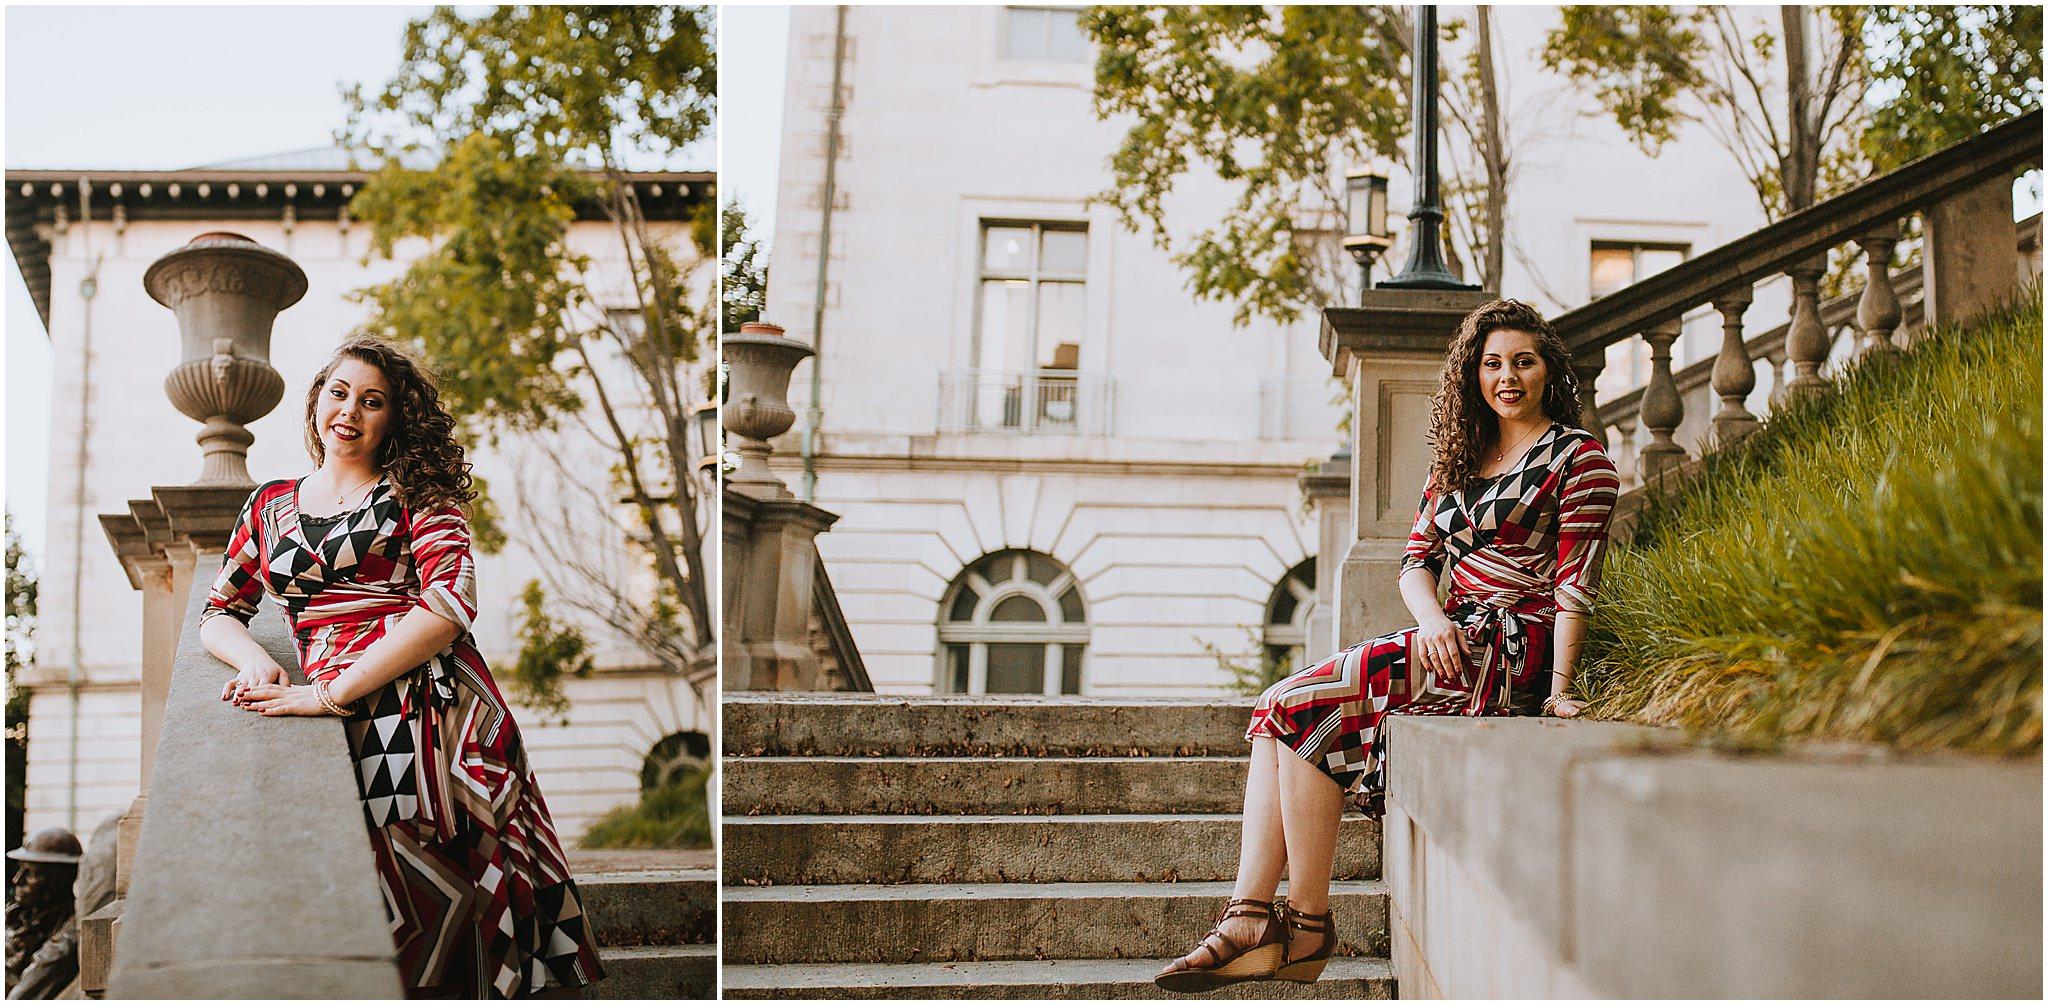 Sara's Senior Portrait Downtown Lynchburg, VA 114